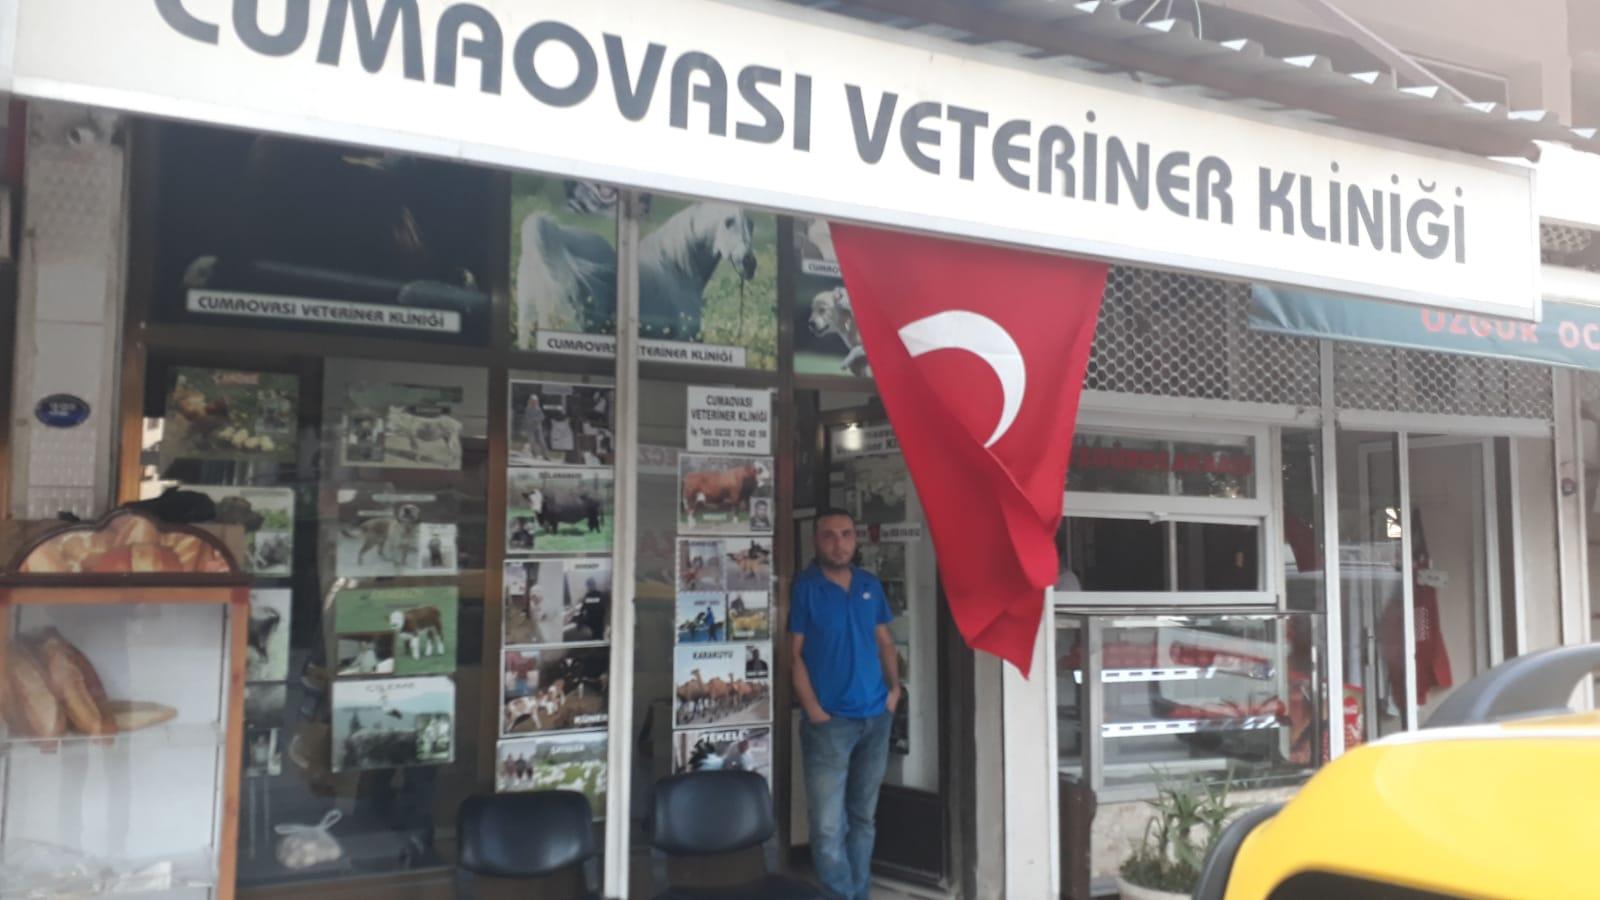 Cumaovası Veteriner Klinigi